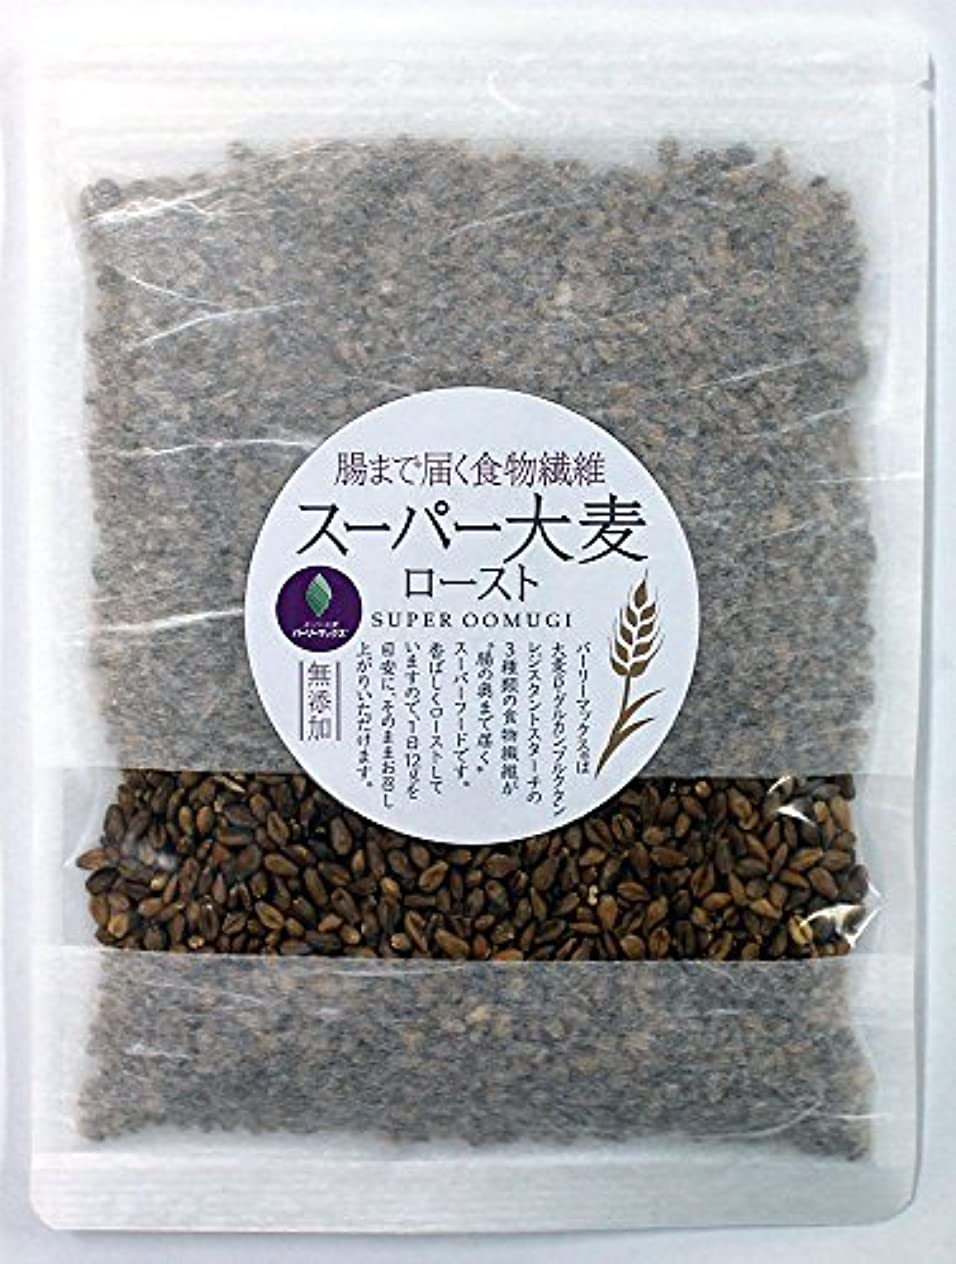 神の沈黙害虫スーパー大麦 ロースト バーリーマックス 100g スーパーフード